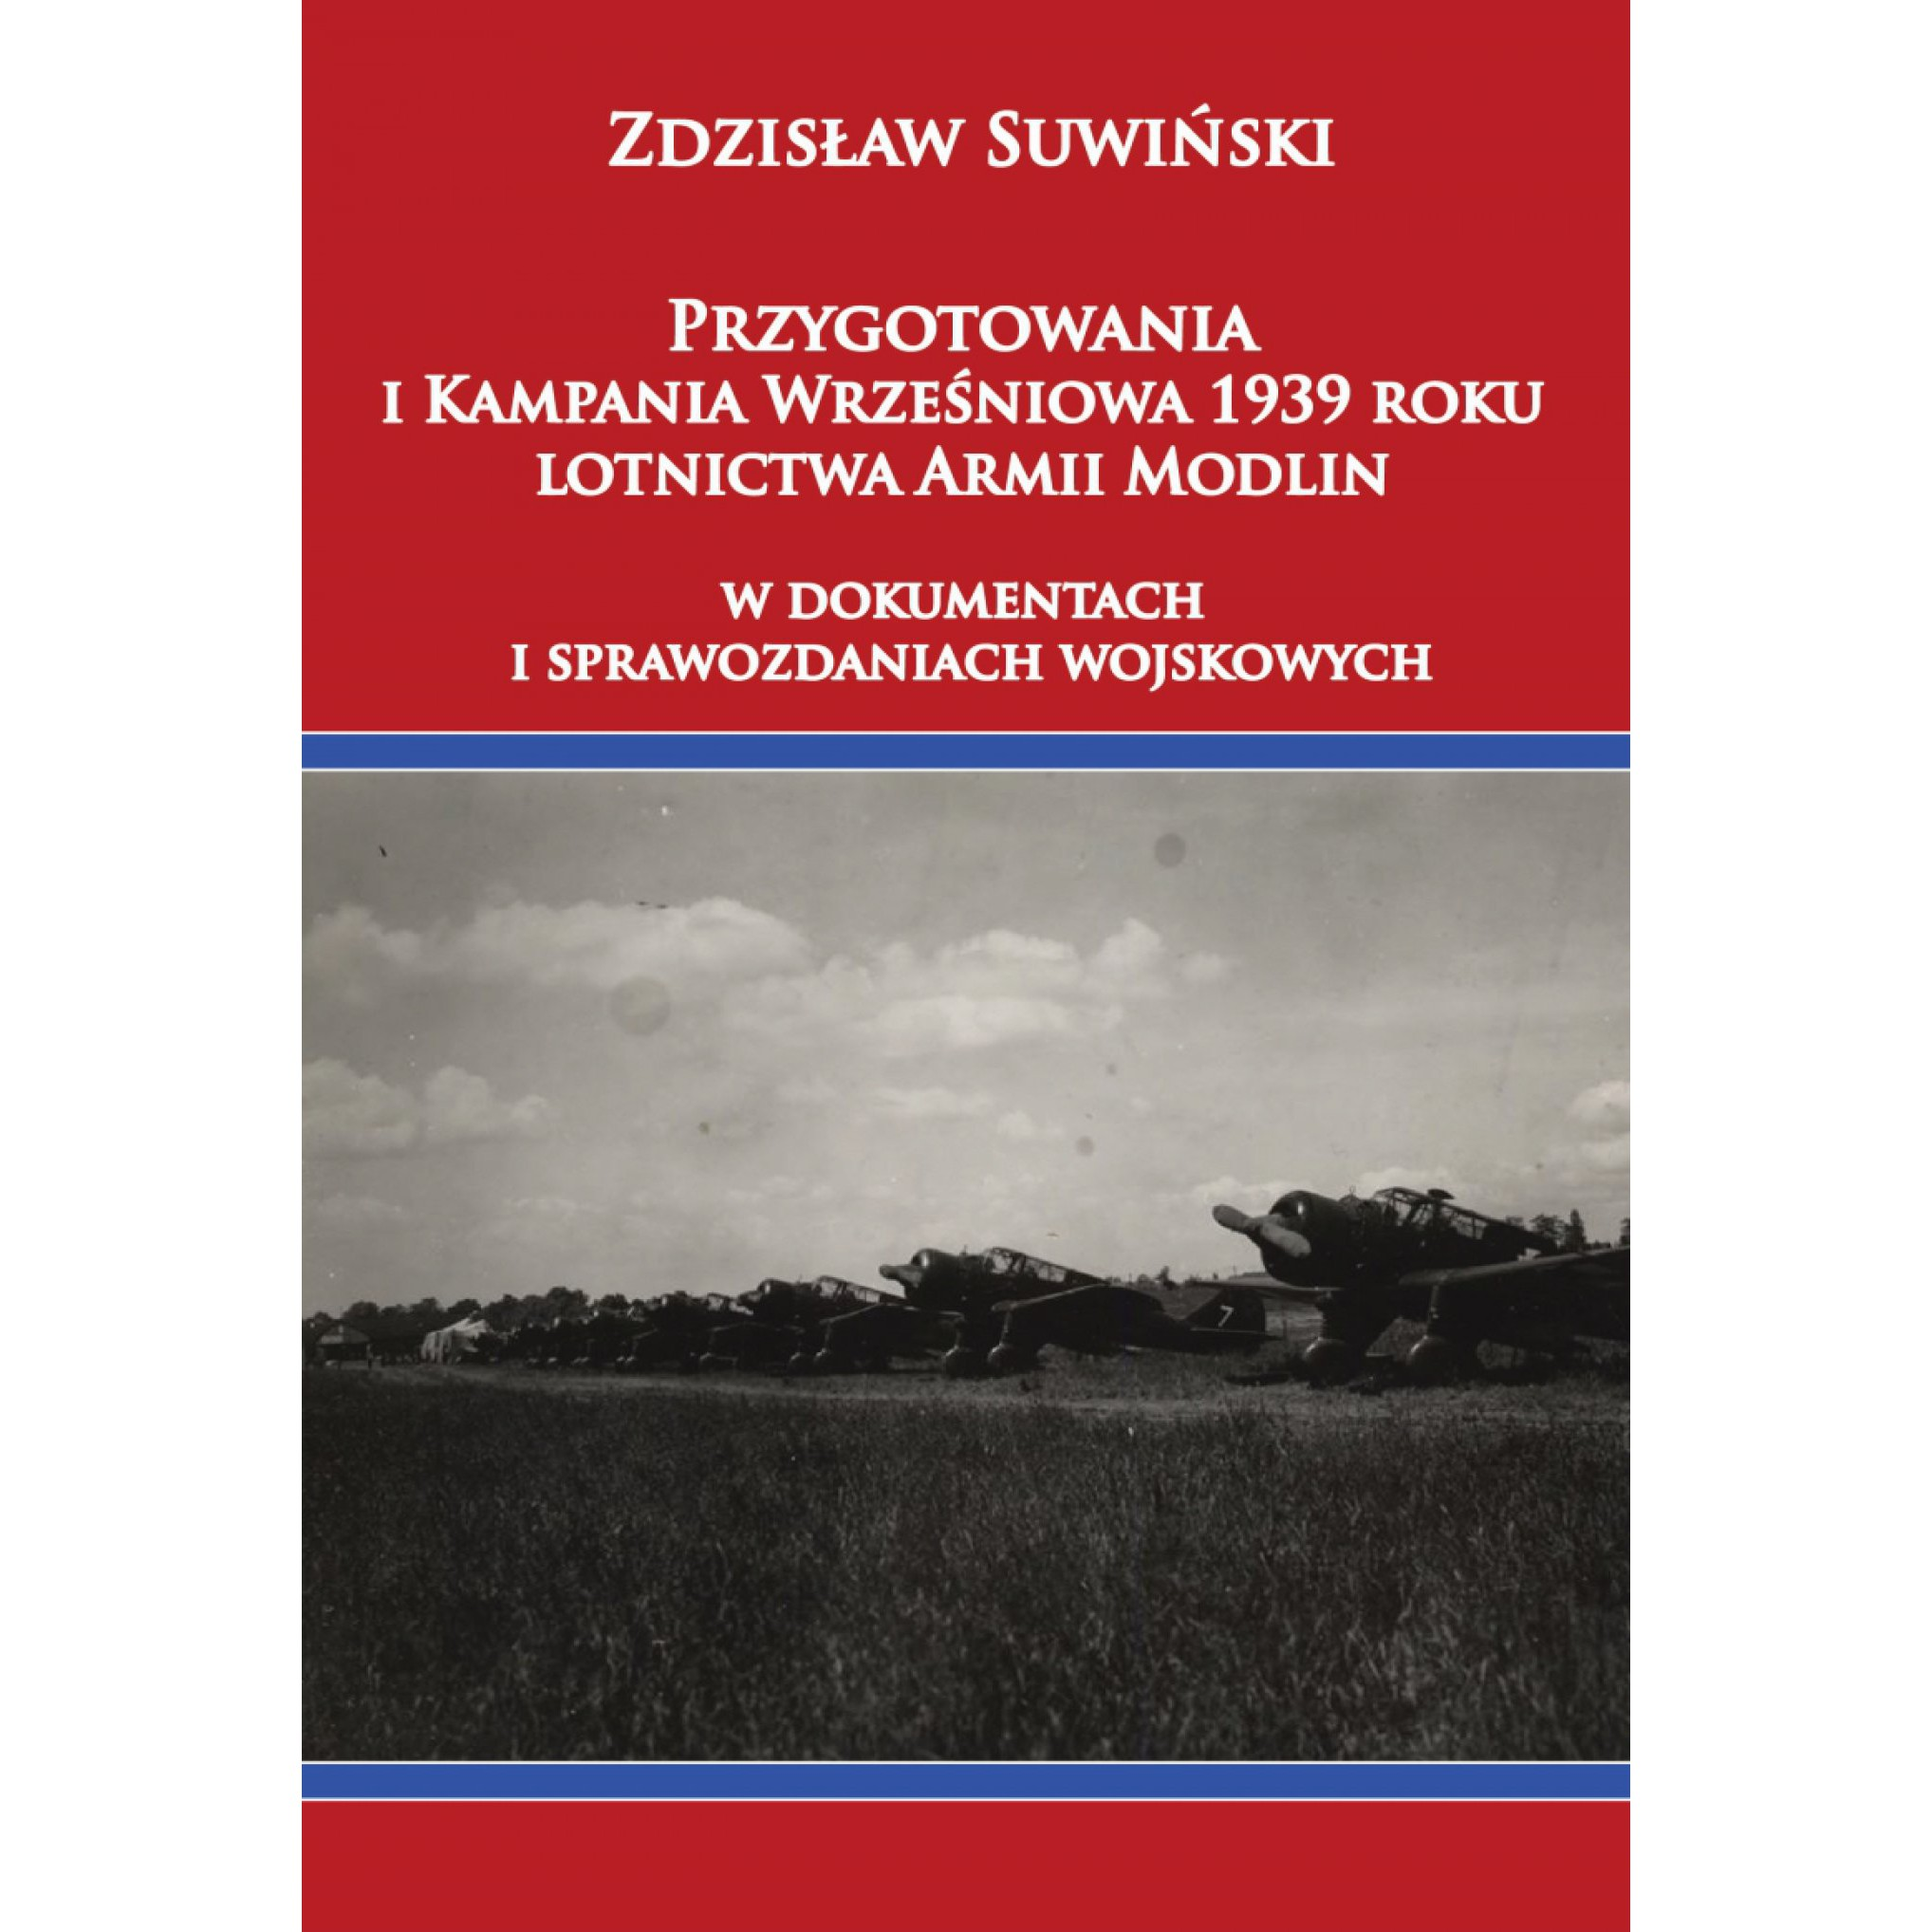 Przygotowania i Kampania Wrześniowa 1939 roku lotnictwa Armii Modlin w dokumentach i sprawozdaniach wojskowych